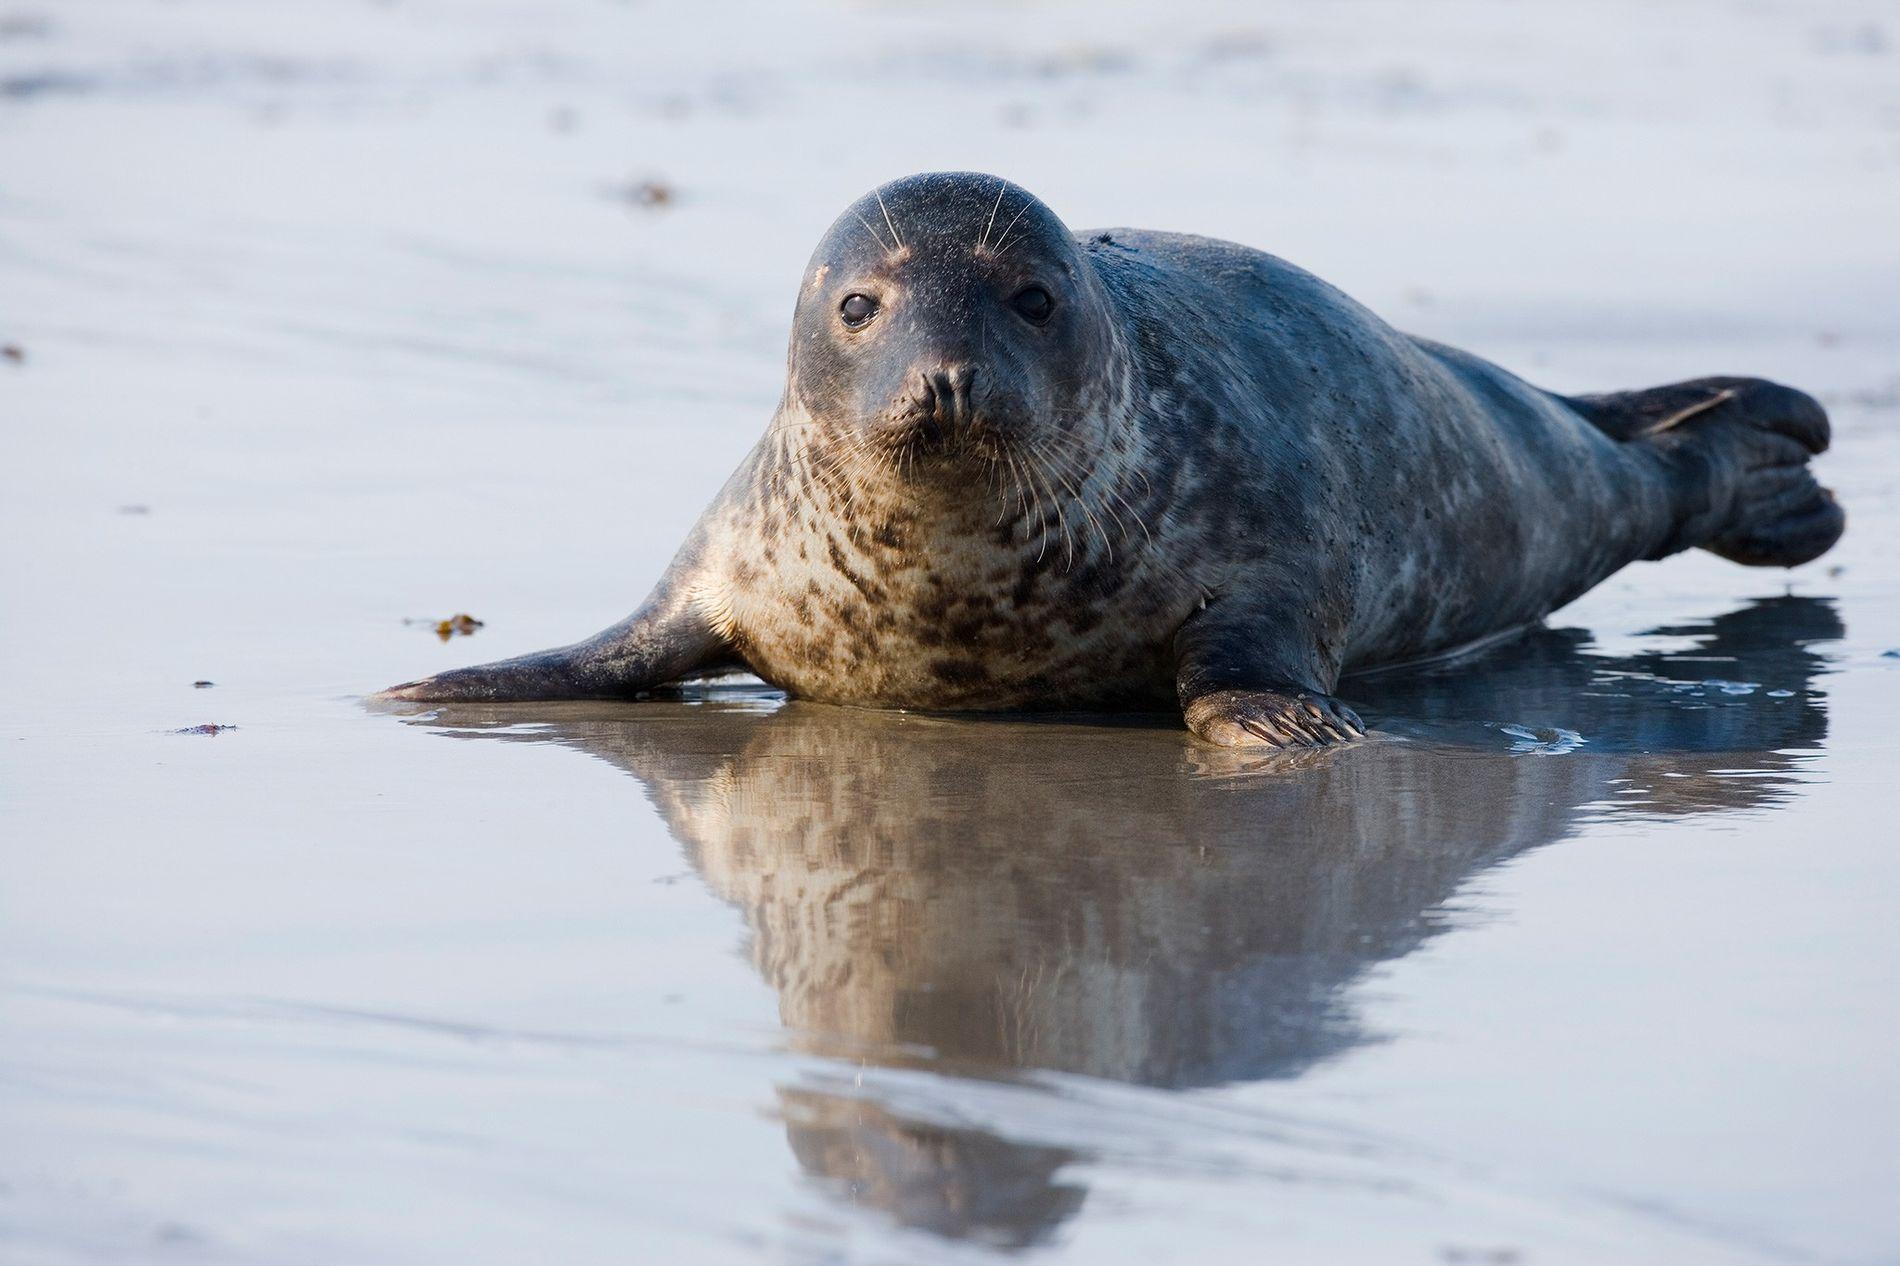 Un phoque gris (Halichoerus grypus) a récemment été aperçu en train d'attaquer puis de manger un ...